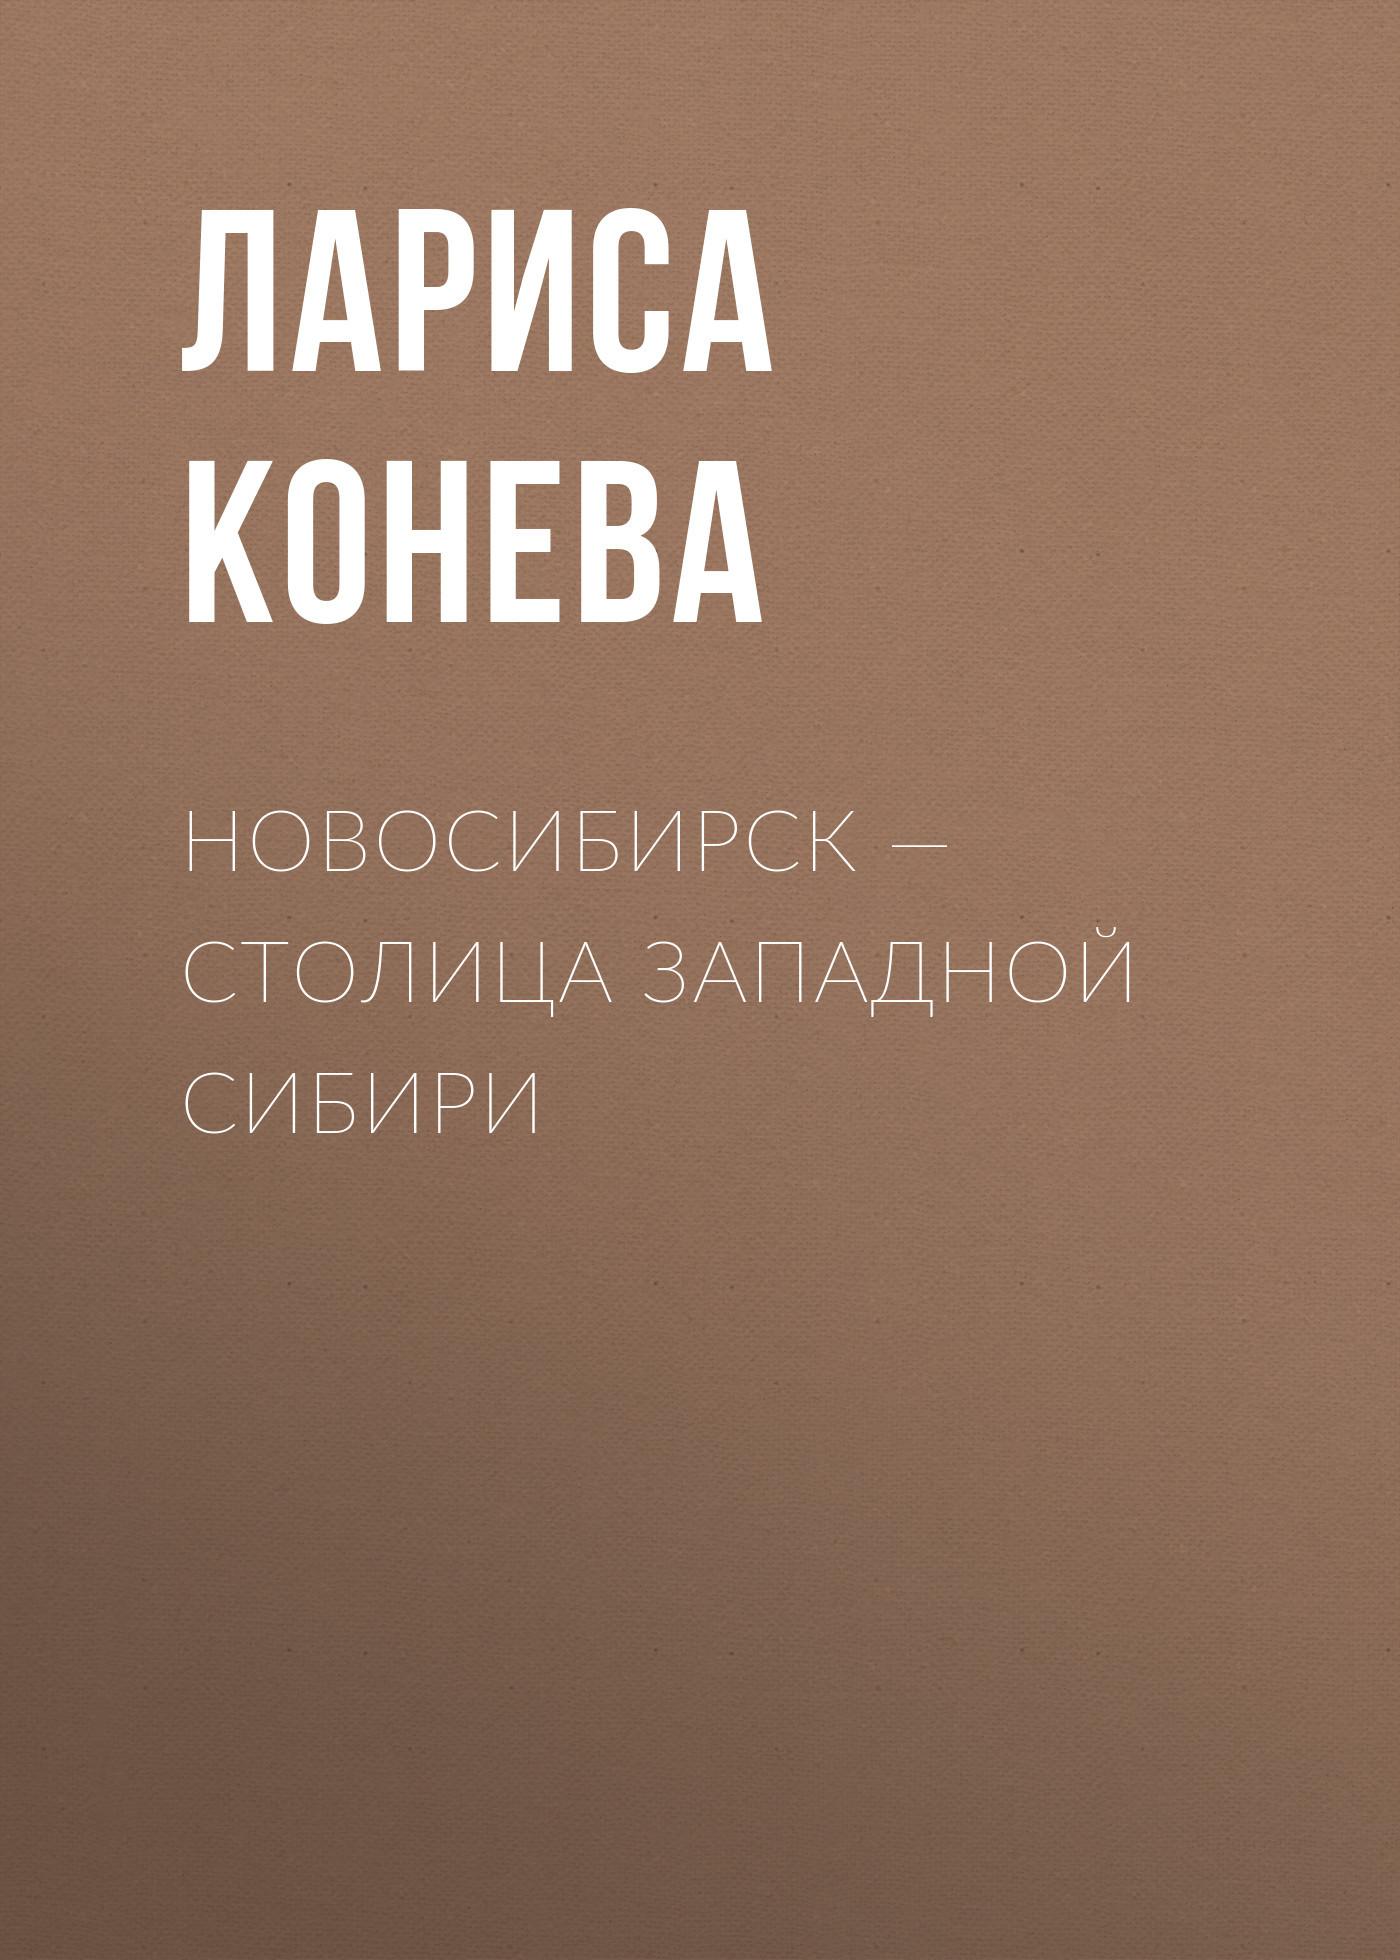 Новосибирск — столица Западной Сибири